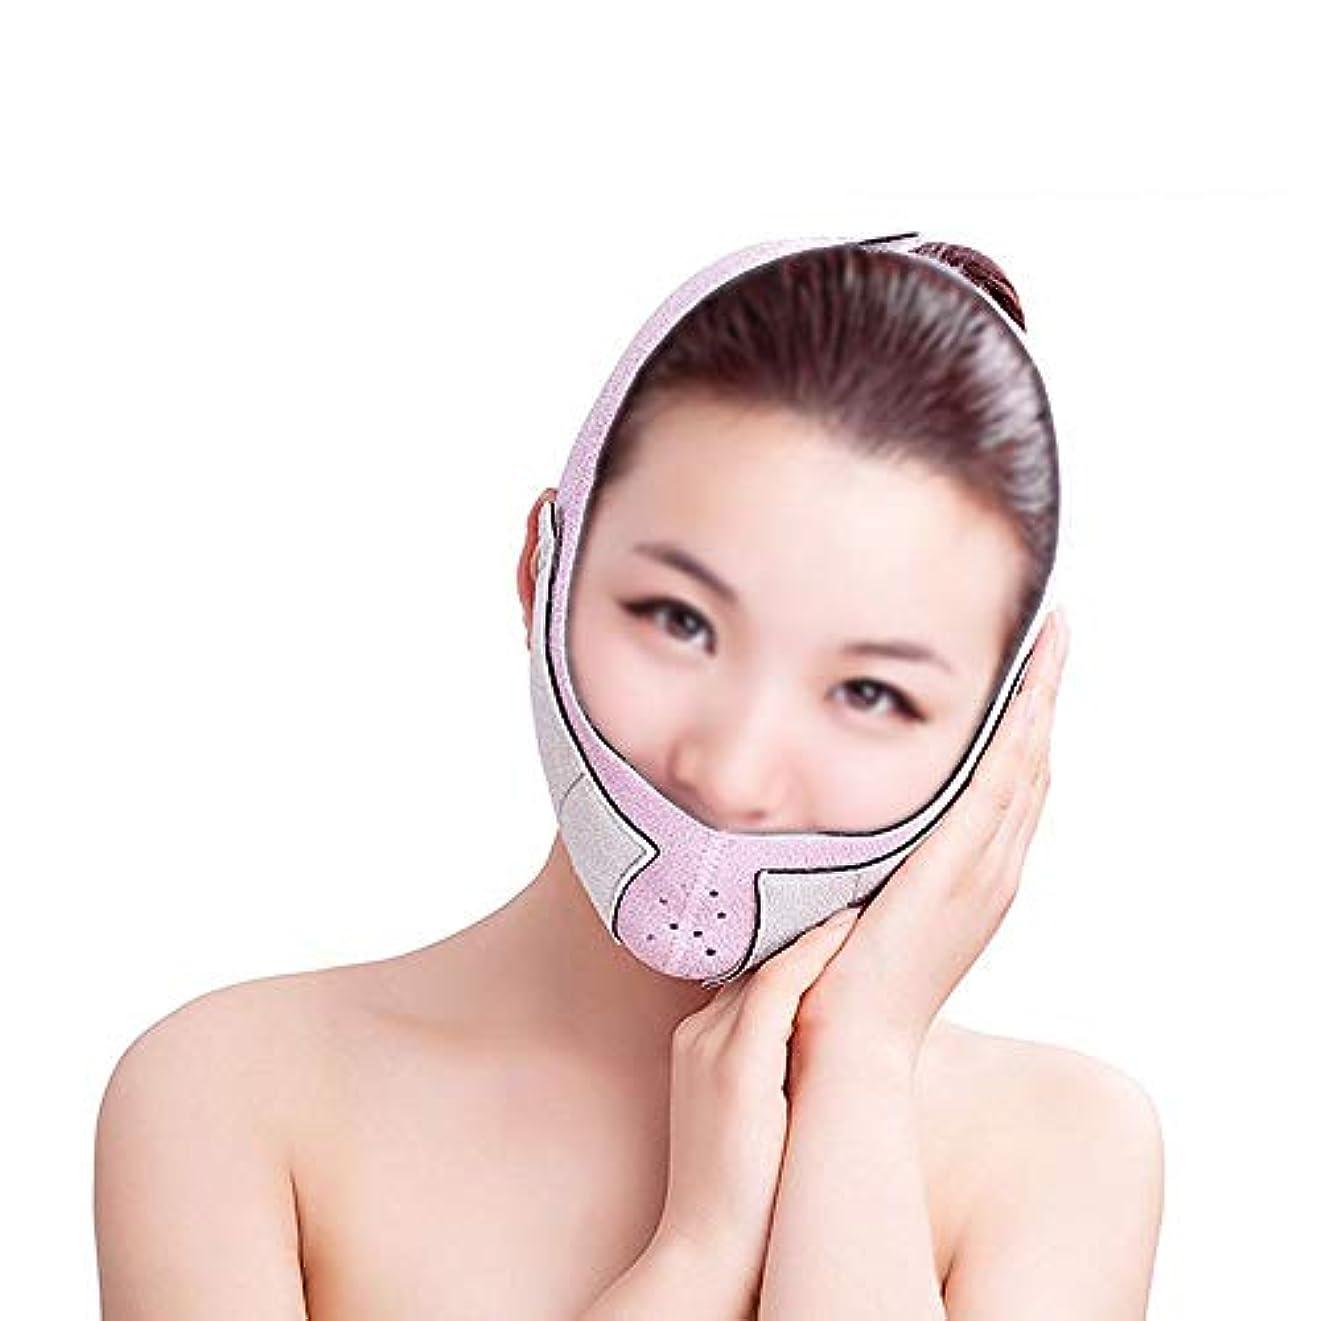 最大拮抗する作曲するXHLMRMJ フェイスリフトマスク、痩身ベルト薄いフェイスマスク強力な持ち上げ小さなV顔薄い顔包帯美容フェイスリフティングデバイス